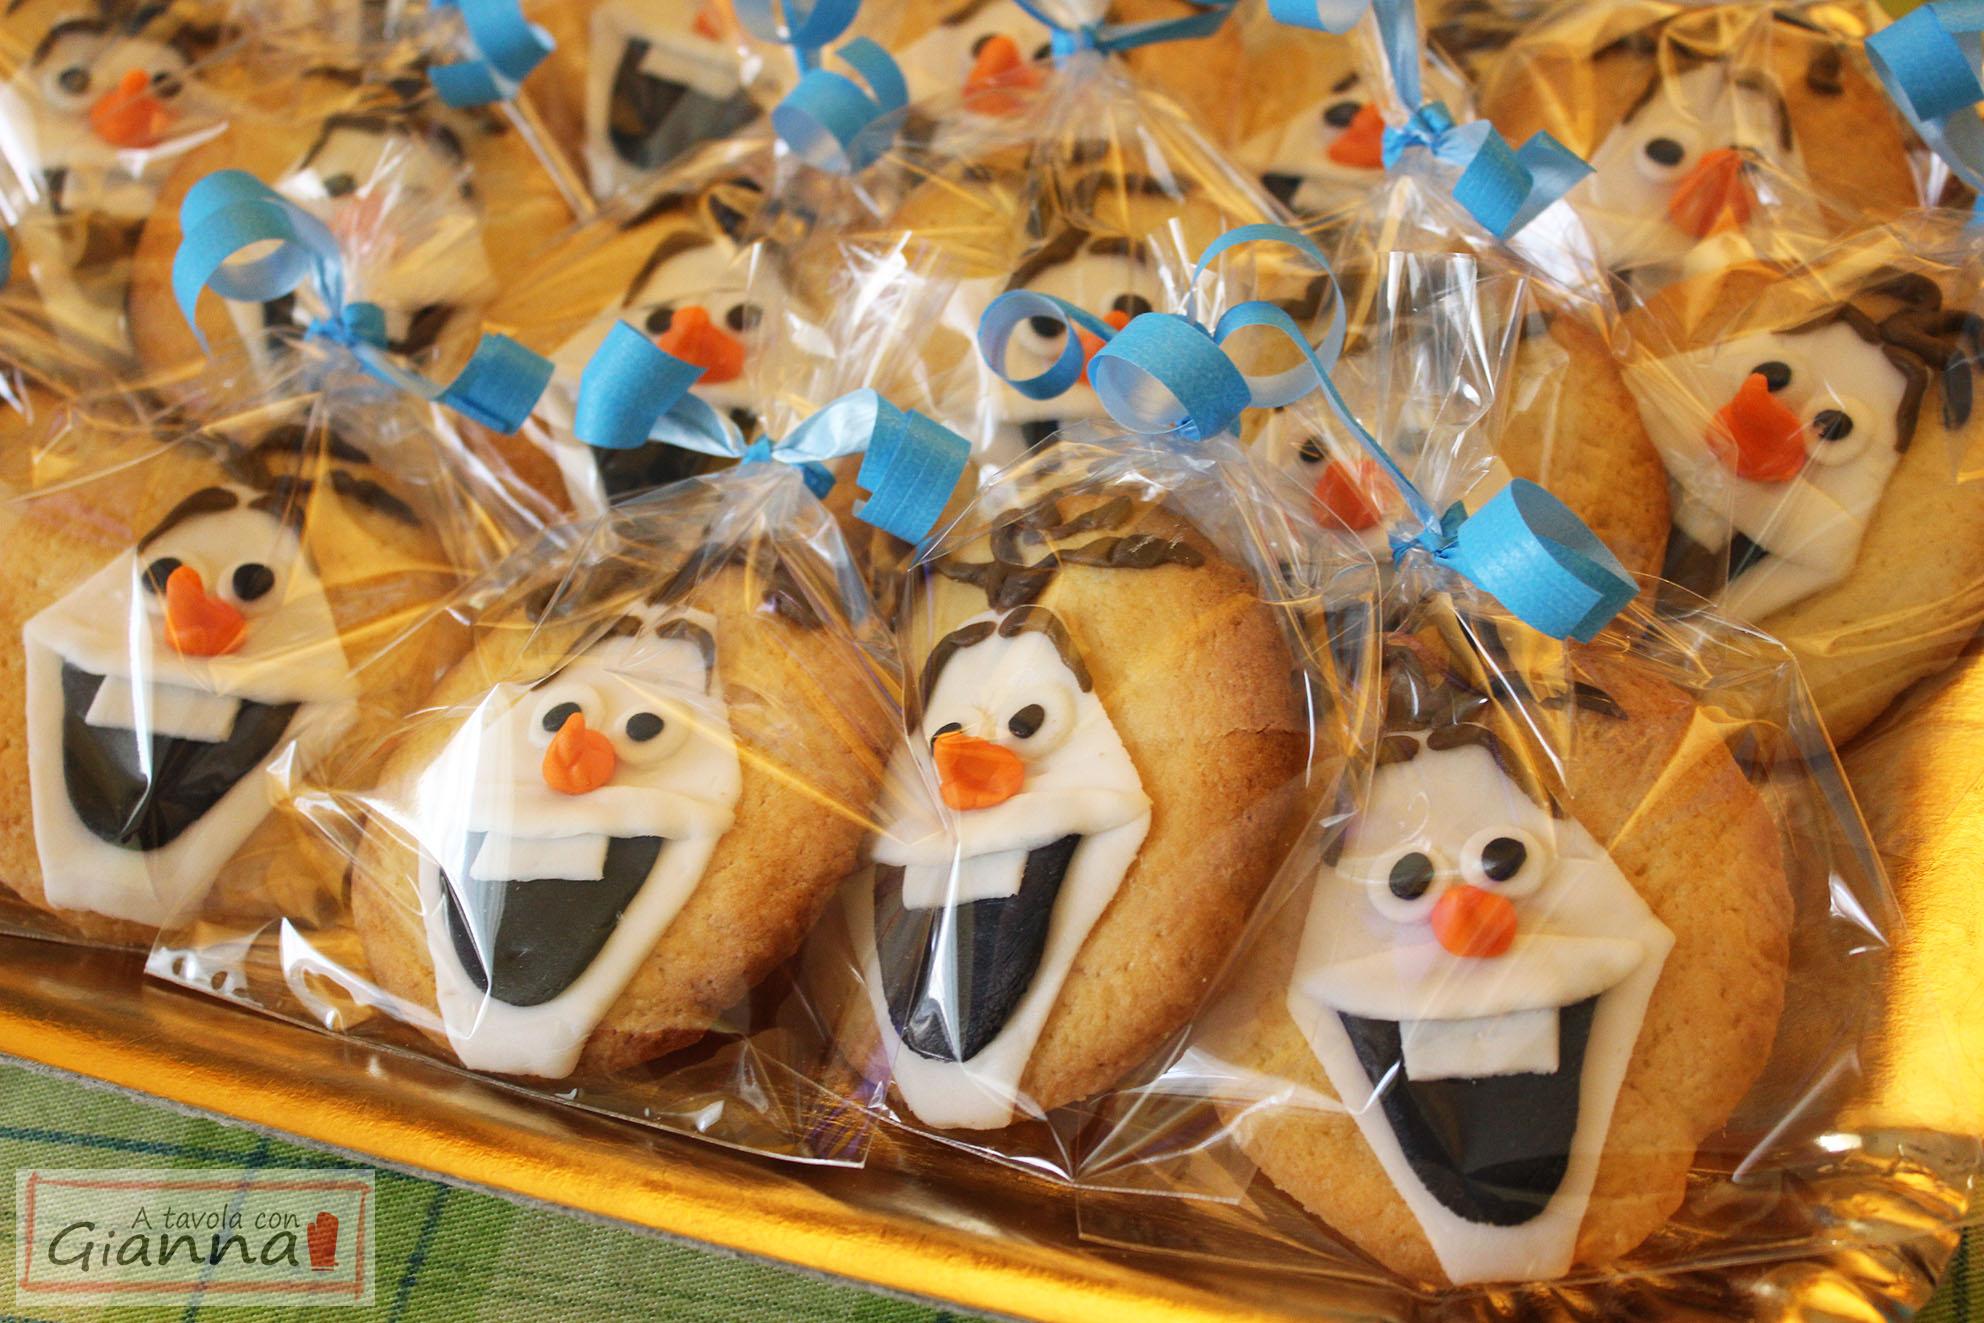 Festa Frozen: i biscotti di Olaf